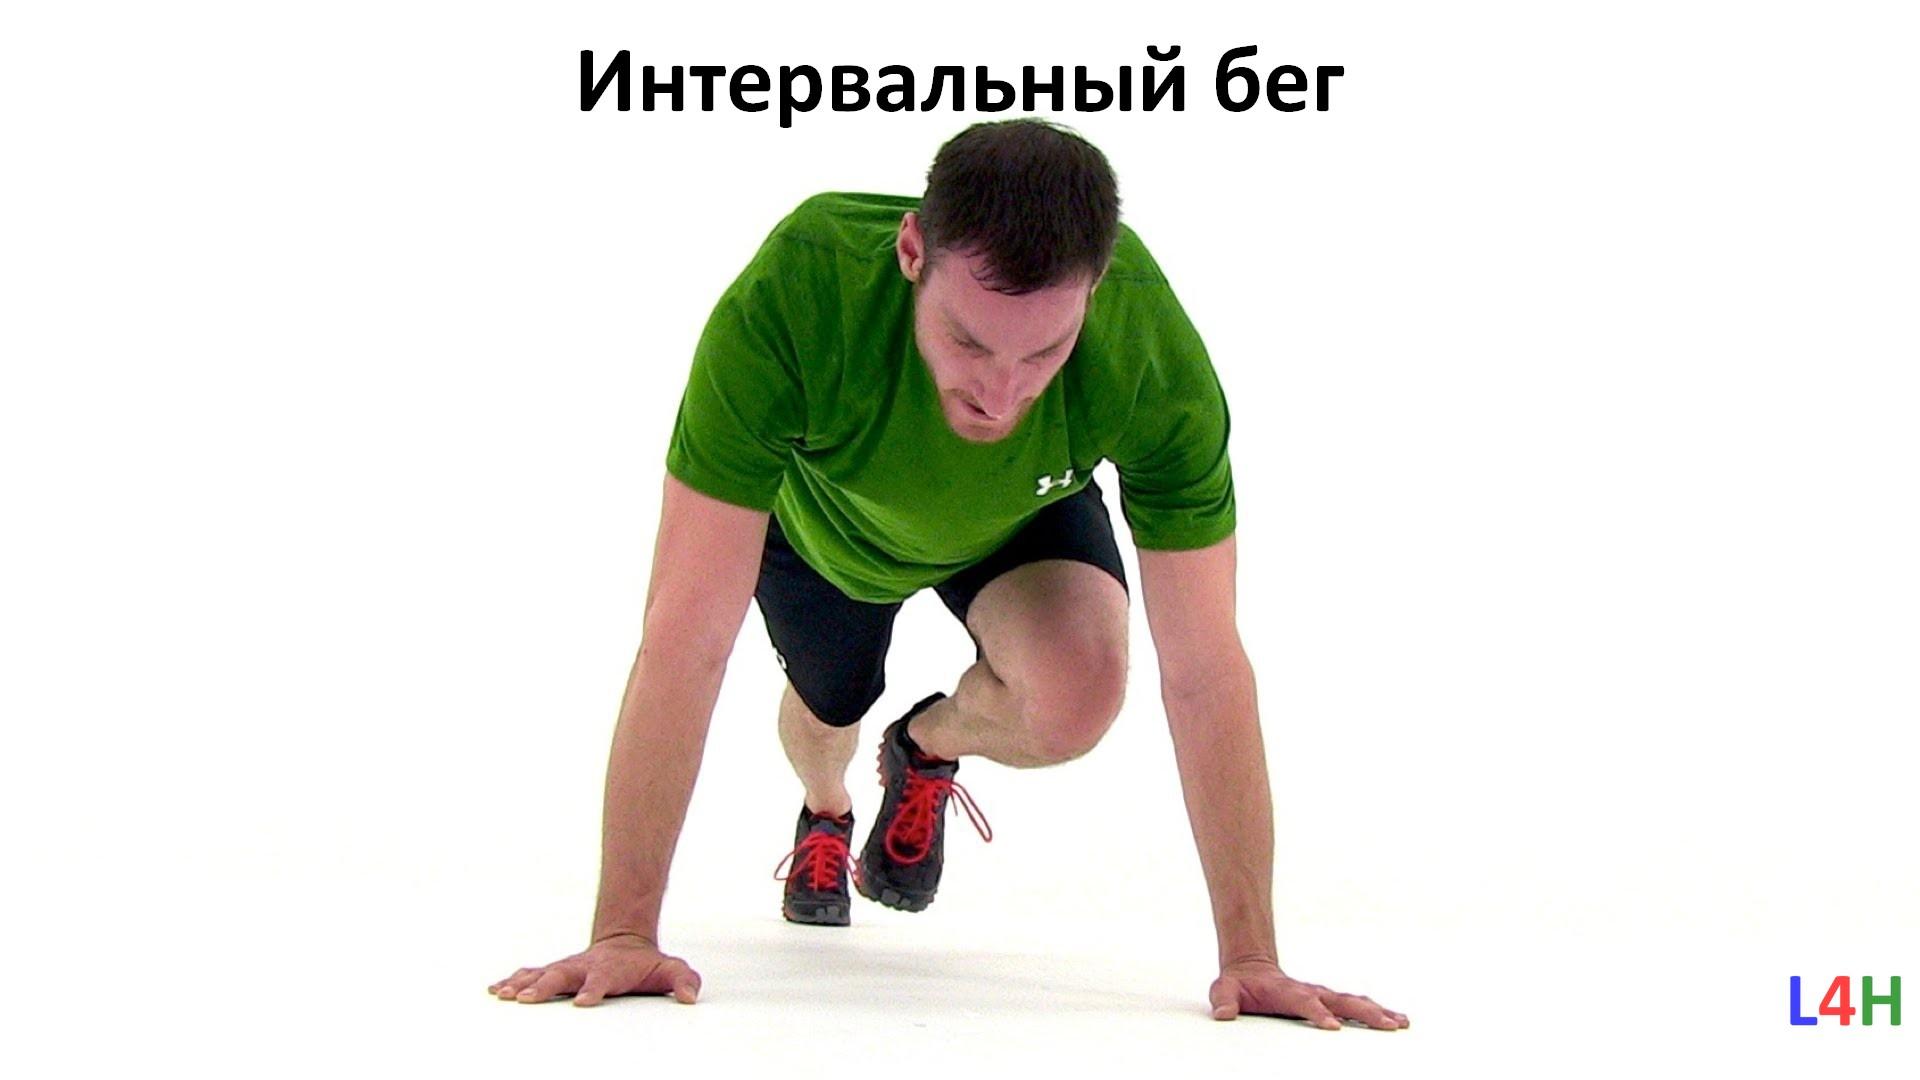 Интервальный бег. Виды, техники, упражнения